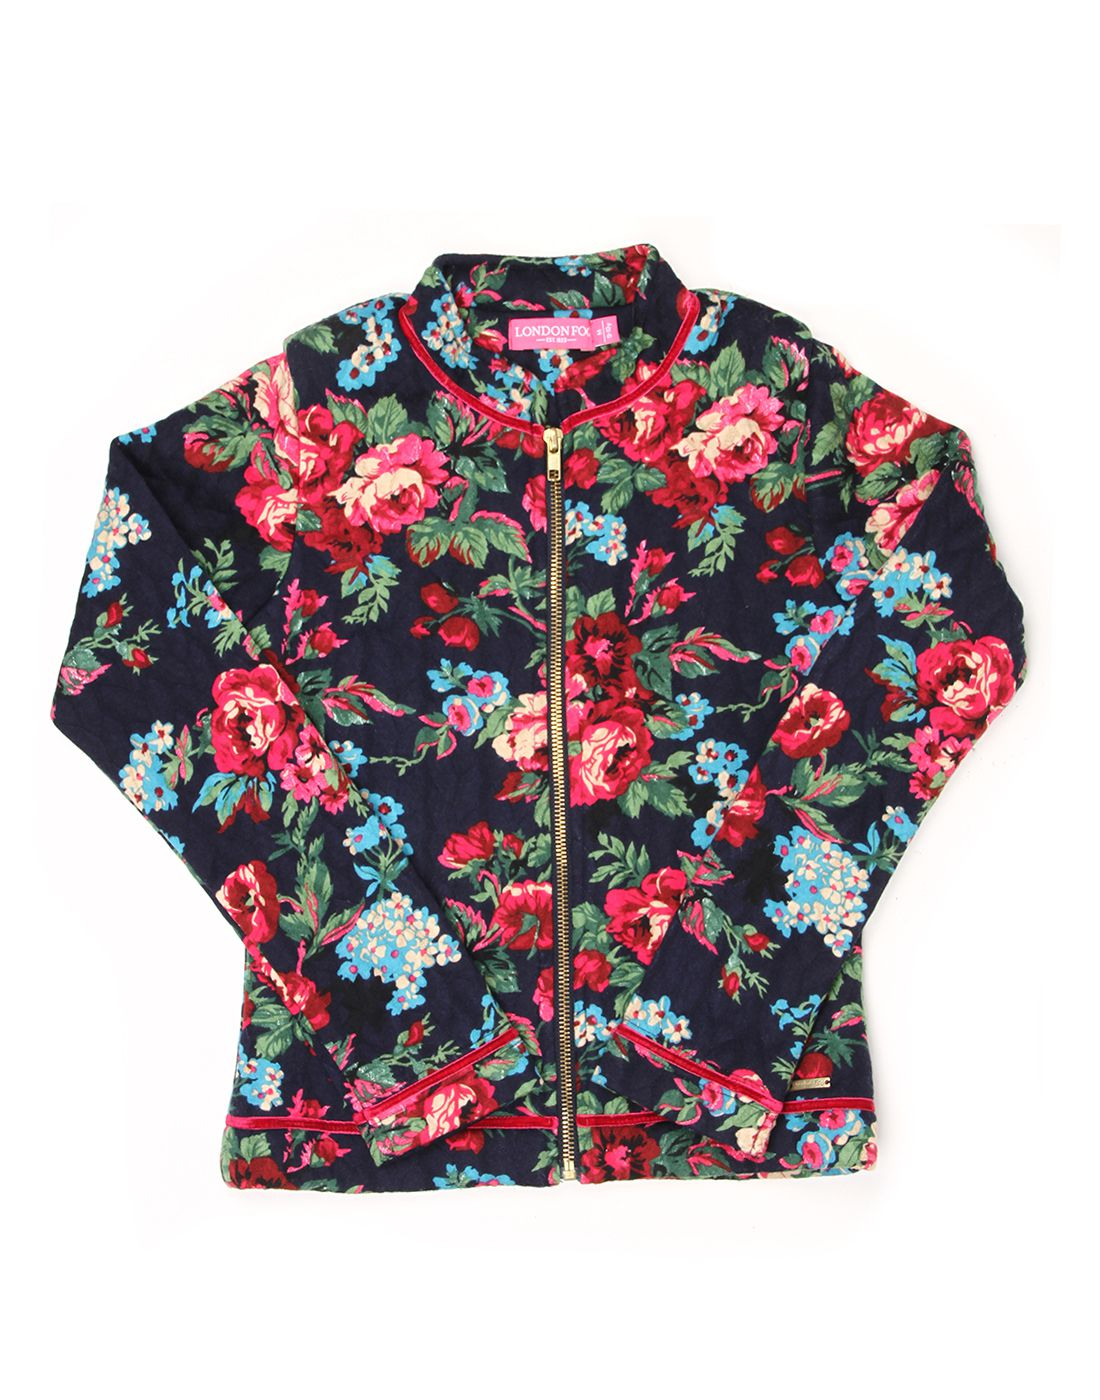 London Fog Girls Multi Full Sleeve Jacket